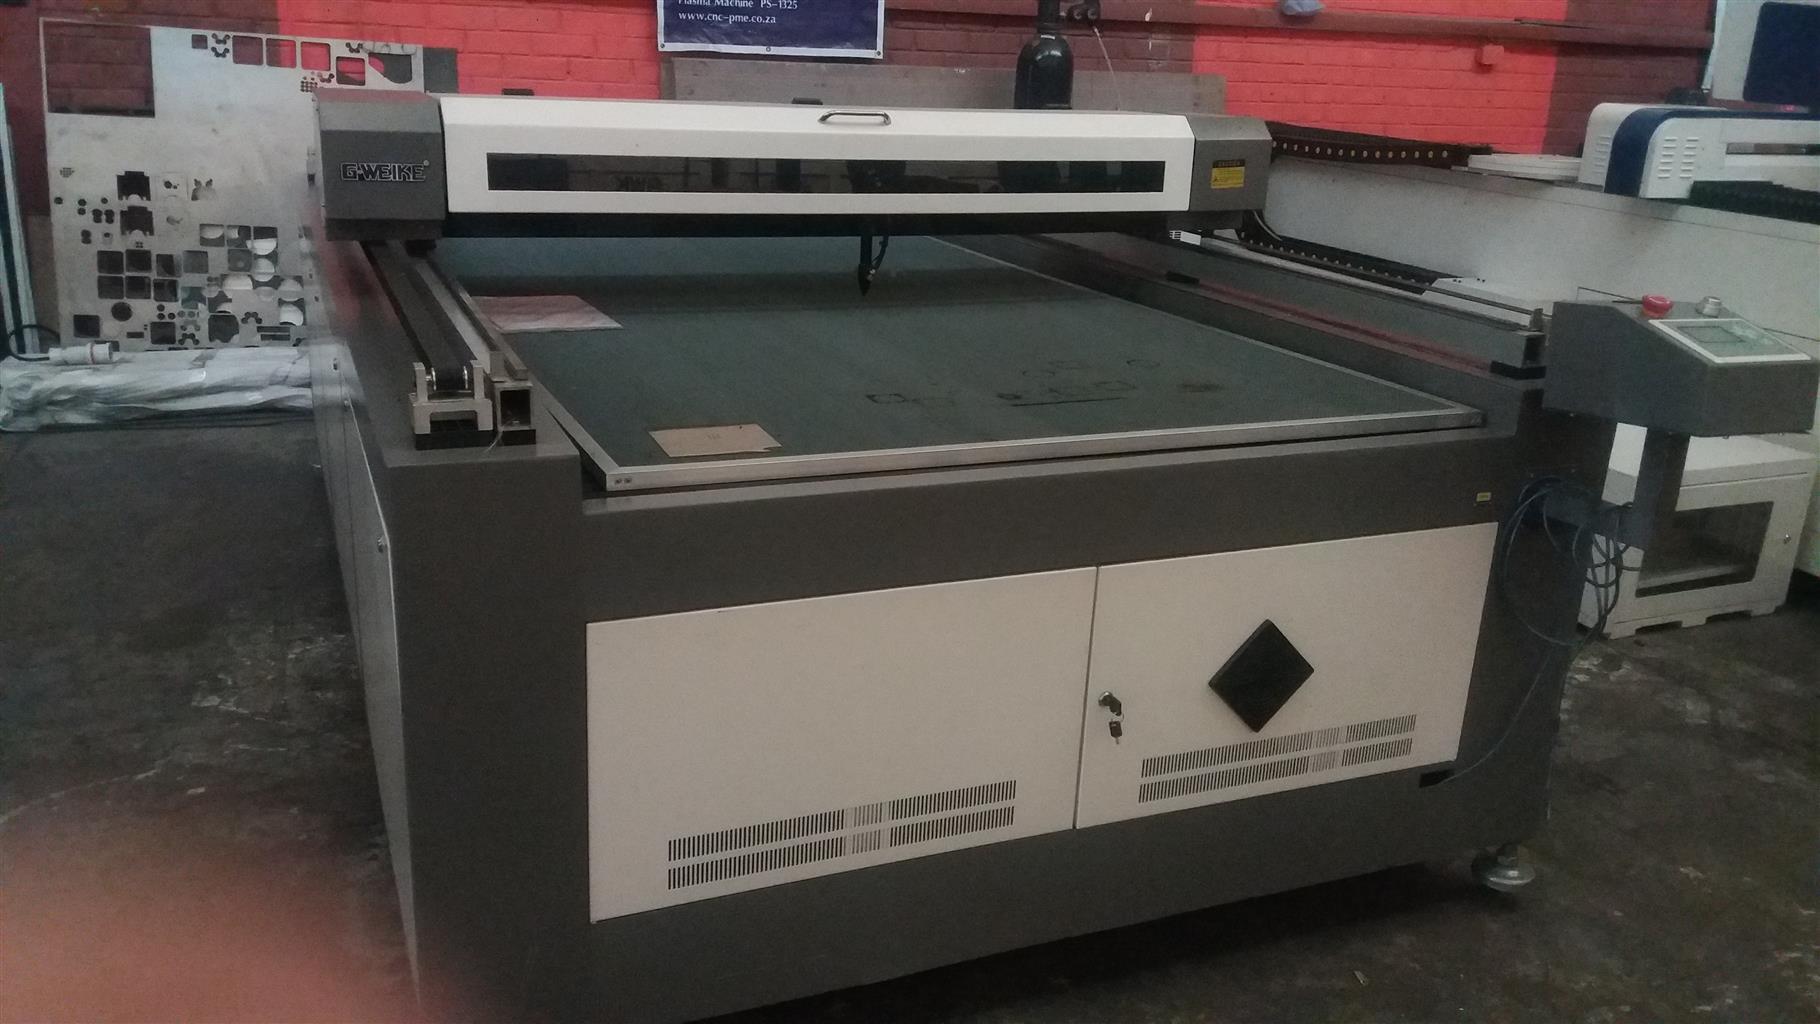 Kl 1.3mx2.5mx100w bigg open table laser macj